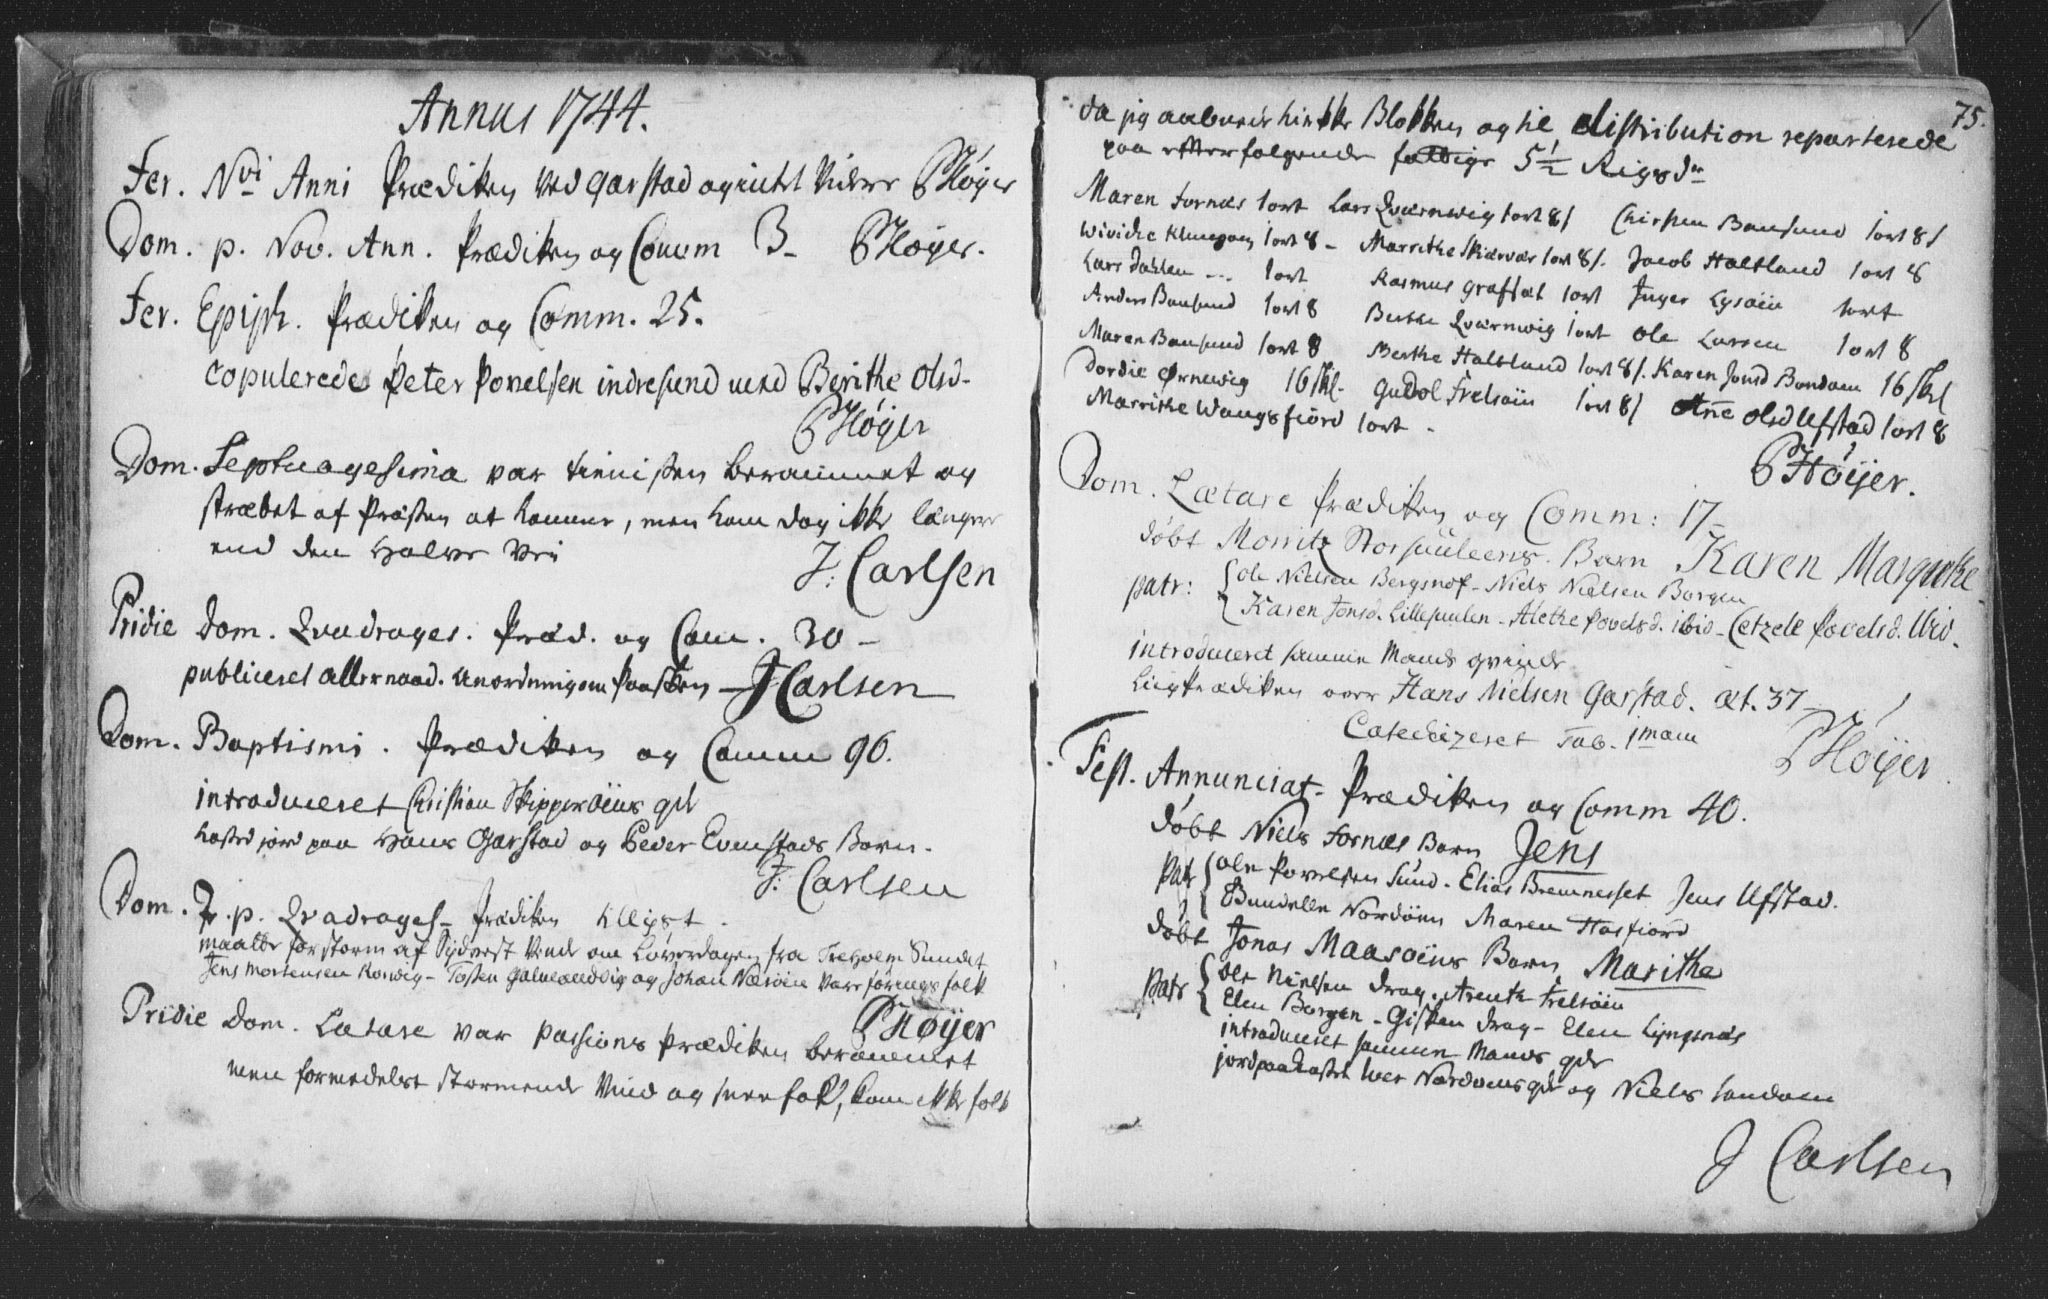 SAT, Ministerialprotokoller, klokkerbøker og fødselsregistre - Nord-Trøndelag, 786/L0685: Ministerialbok nr. 786A01, 1710-1798, s. 75